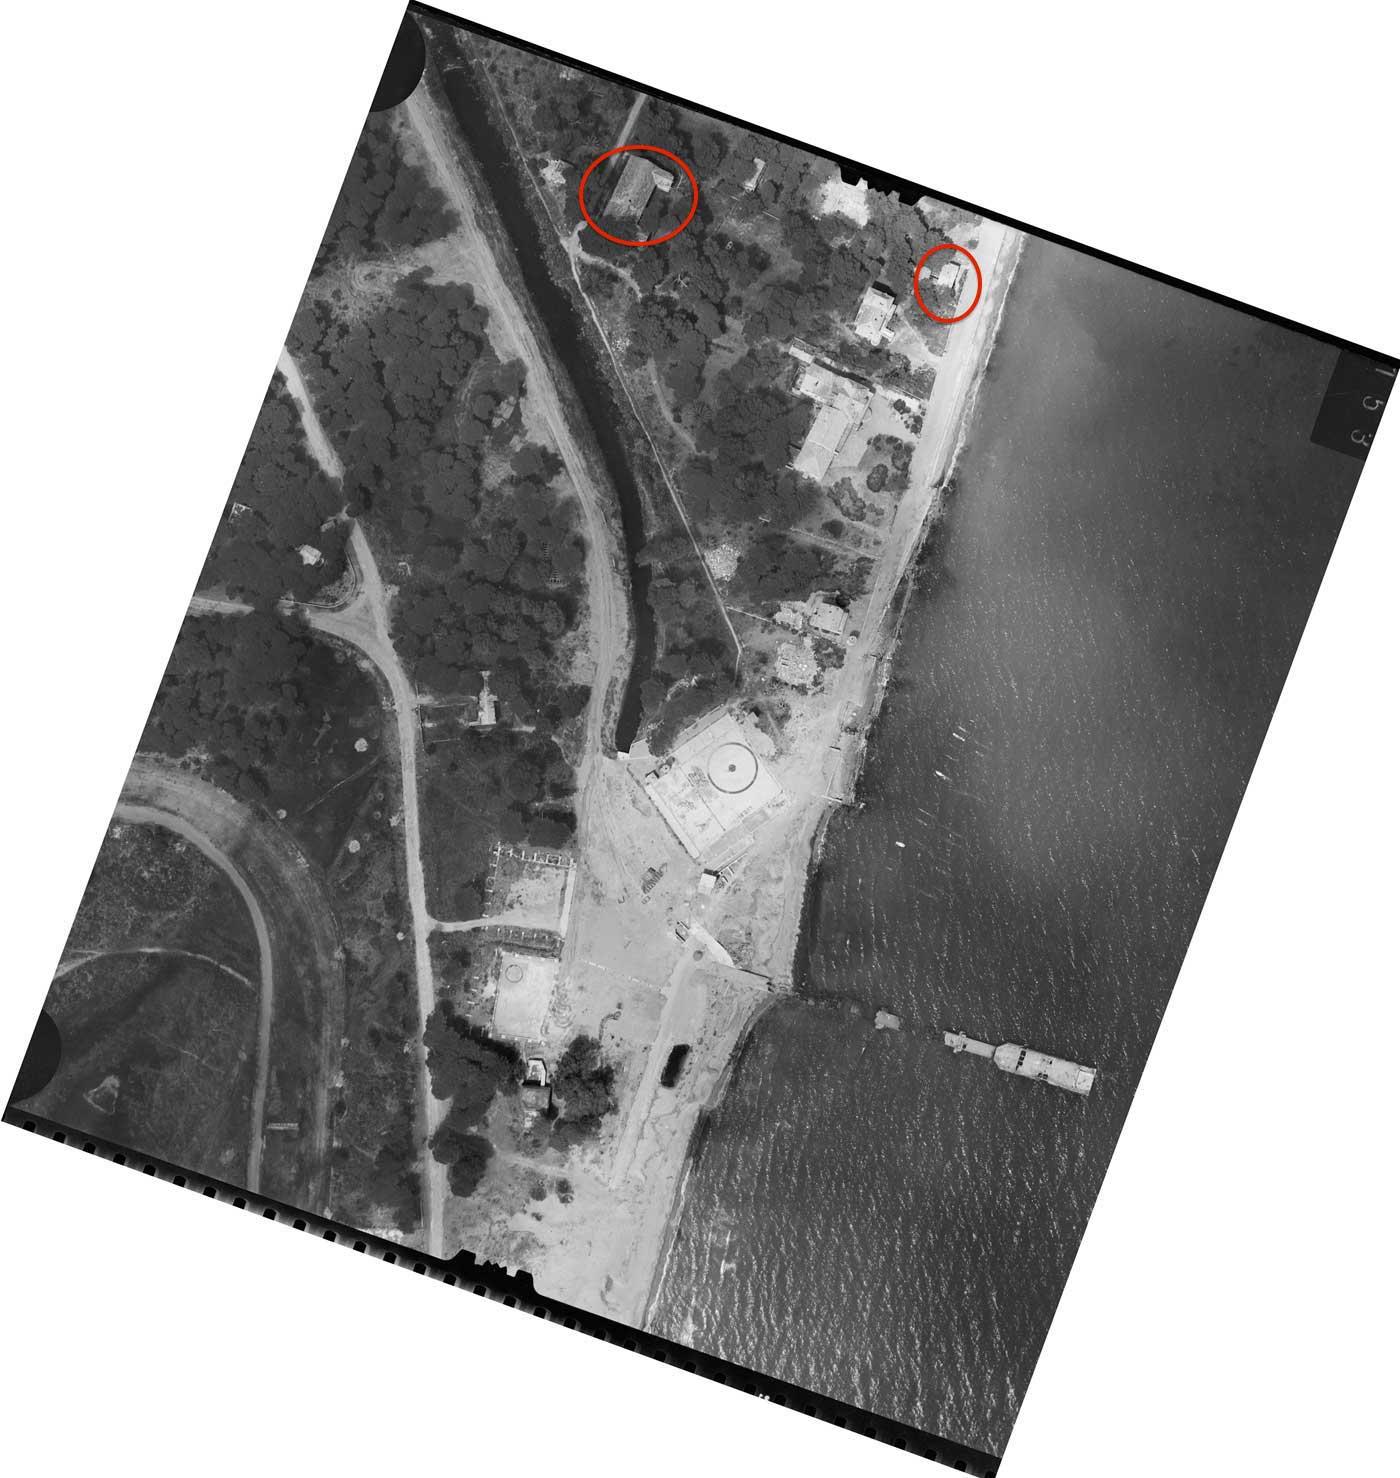 La Badine - Salins d'Hyères  - Gapeau - Hyères plage - Page 6 Blockhaus-Ital-20